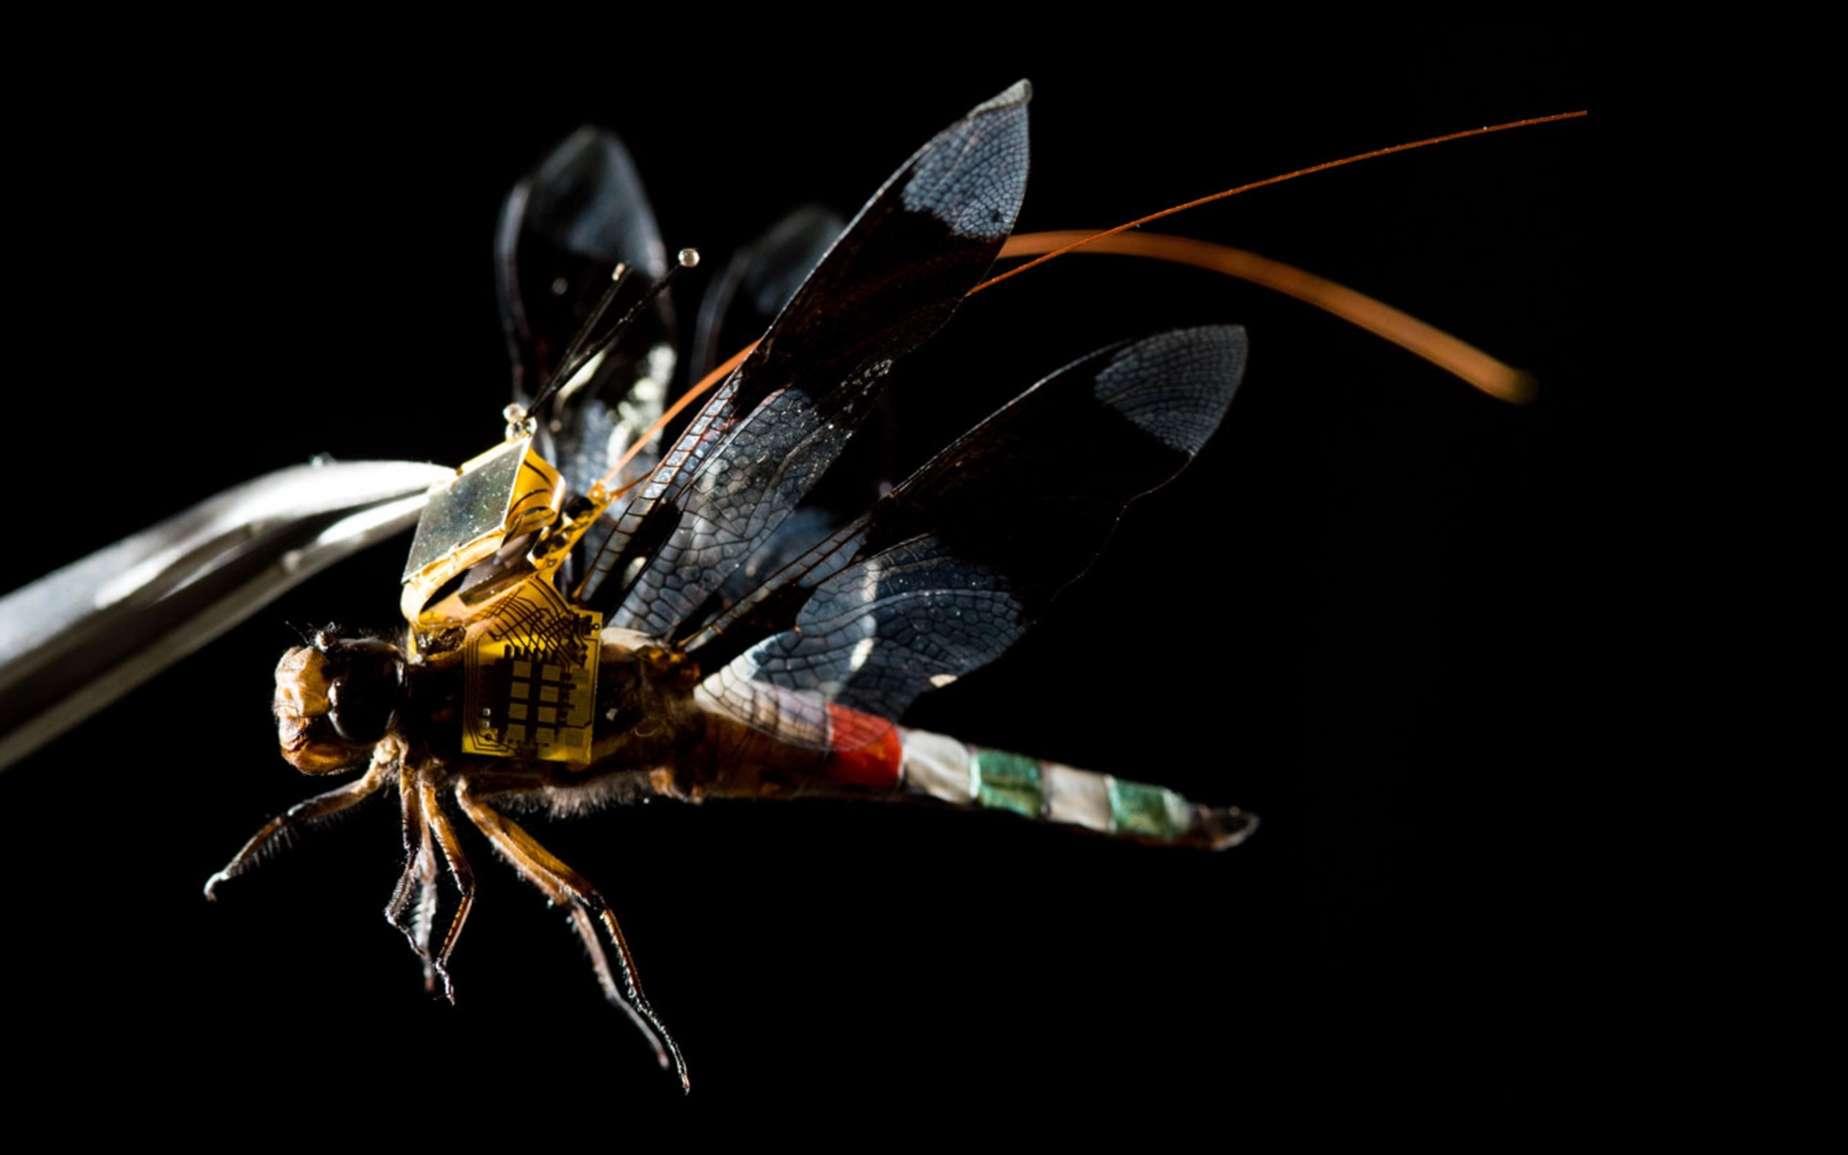 Le dispositif de stimulation optogénétique développé pour contrôler le vol d'une libellule est alimenté par des cellules photovoltaïques. © Charles Stark Draper Laboratory